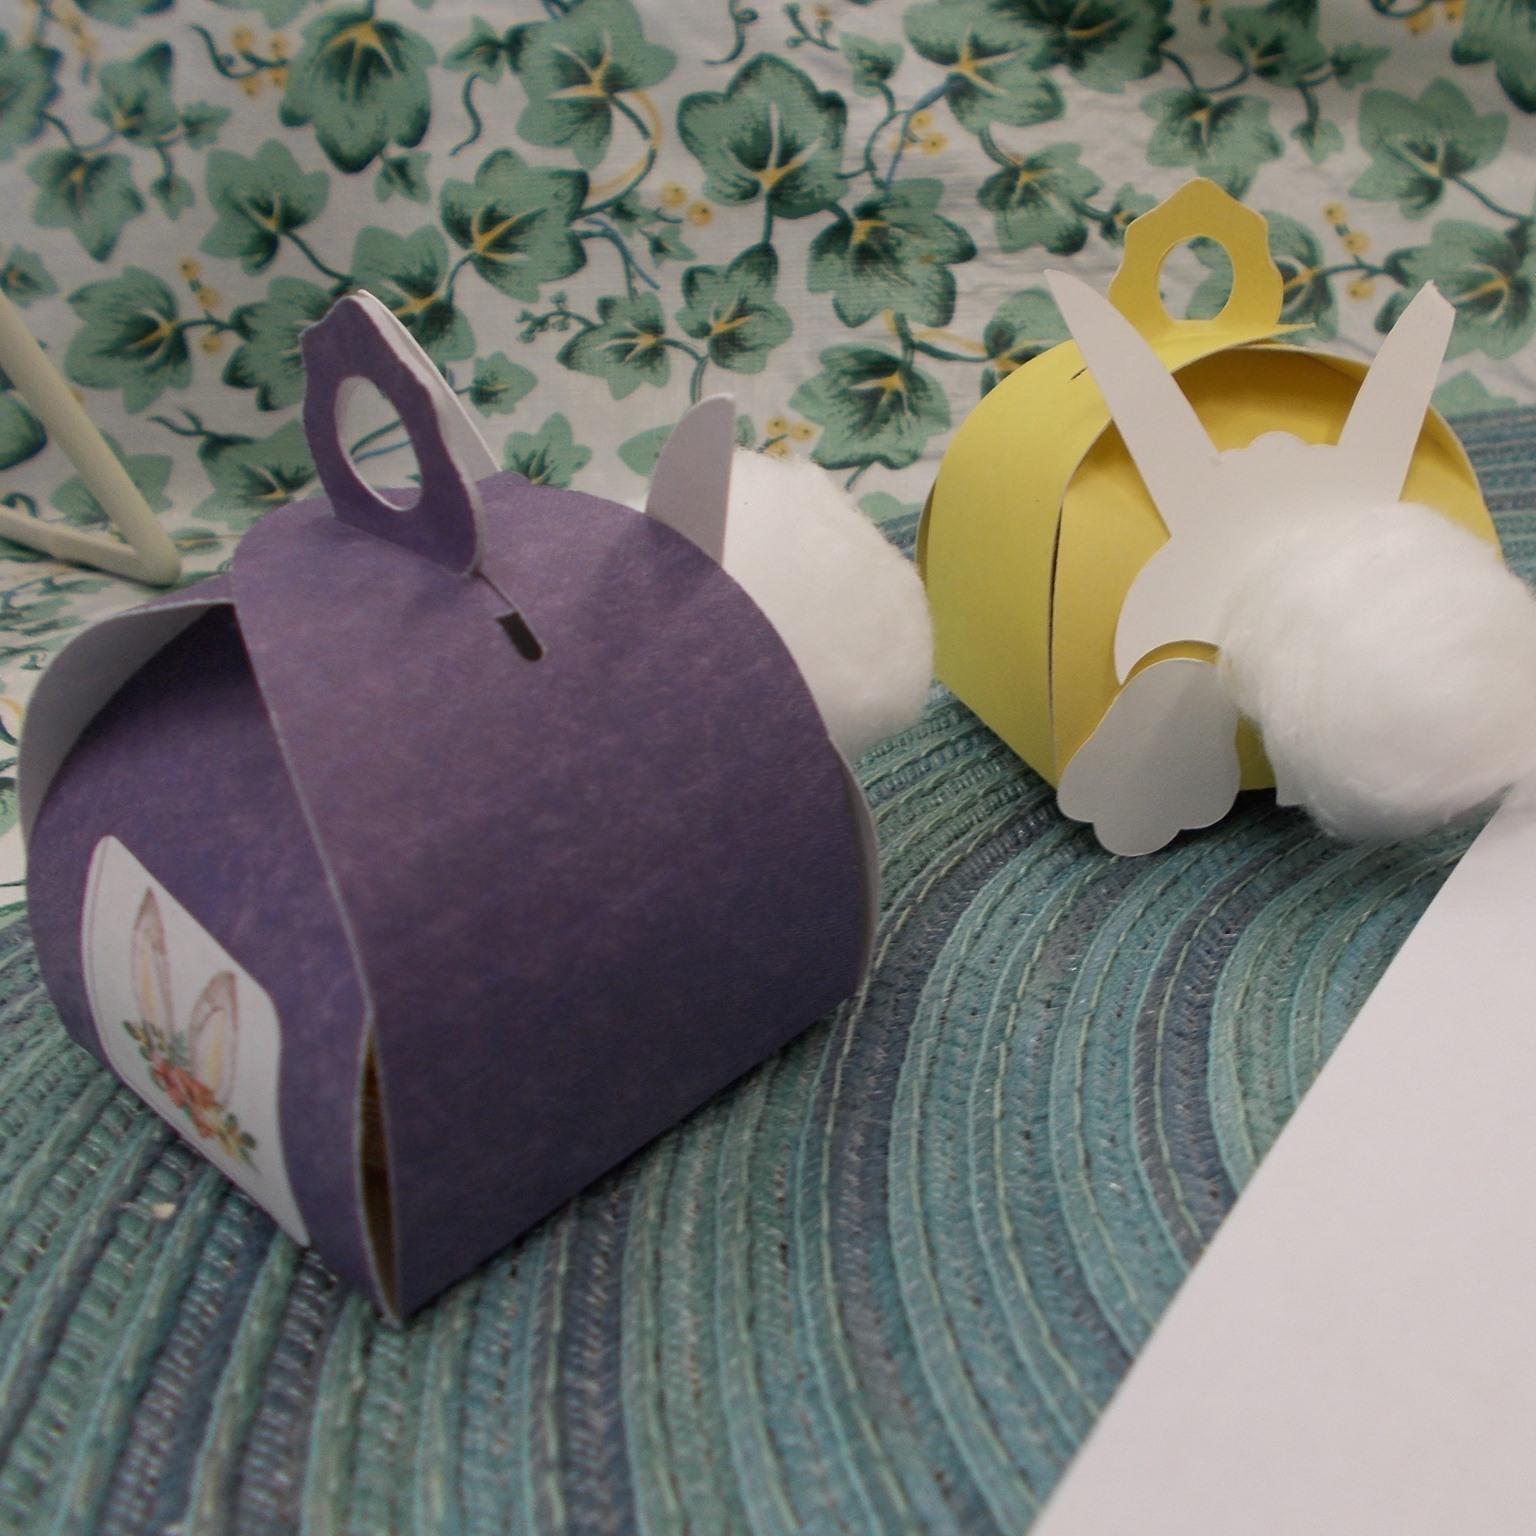 Take & Make Bunny Treat Boxes